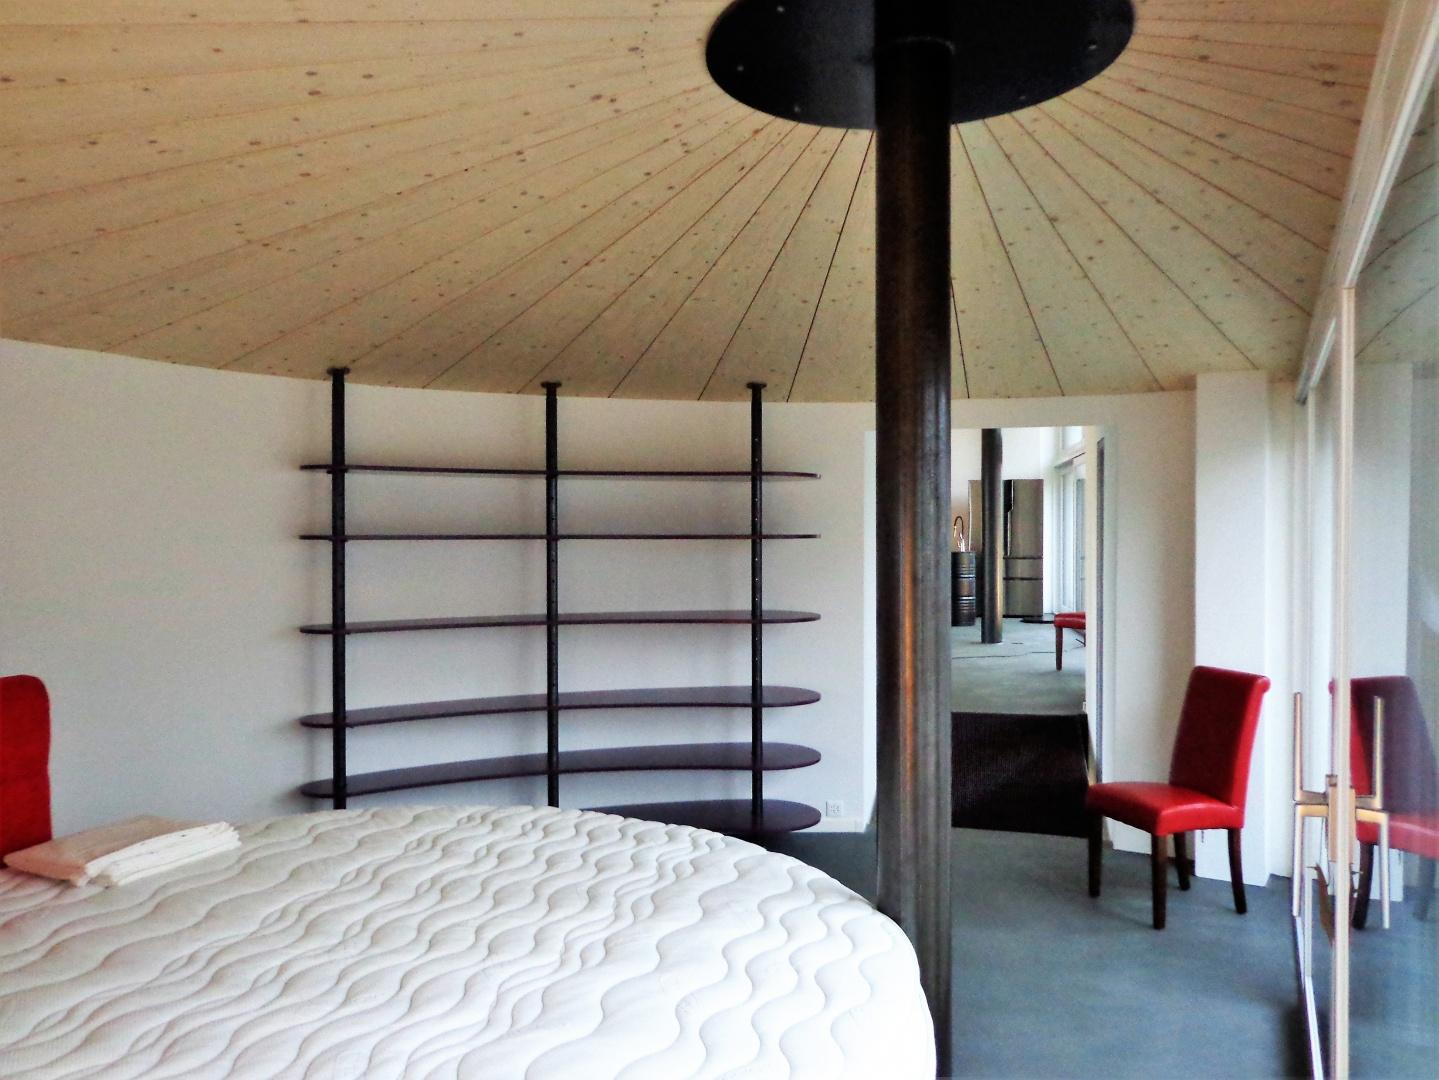 Chambre à coucher étage mansardé avec passage © Beat Schaer